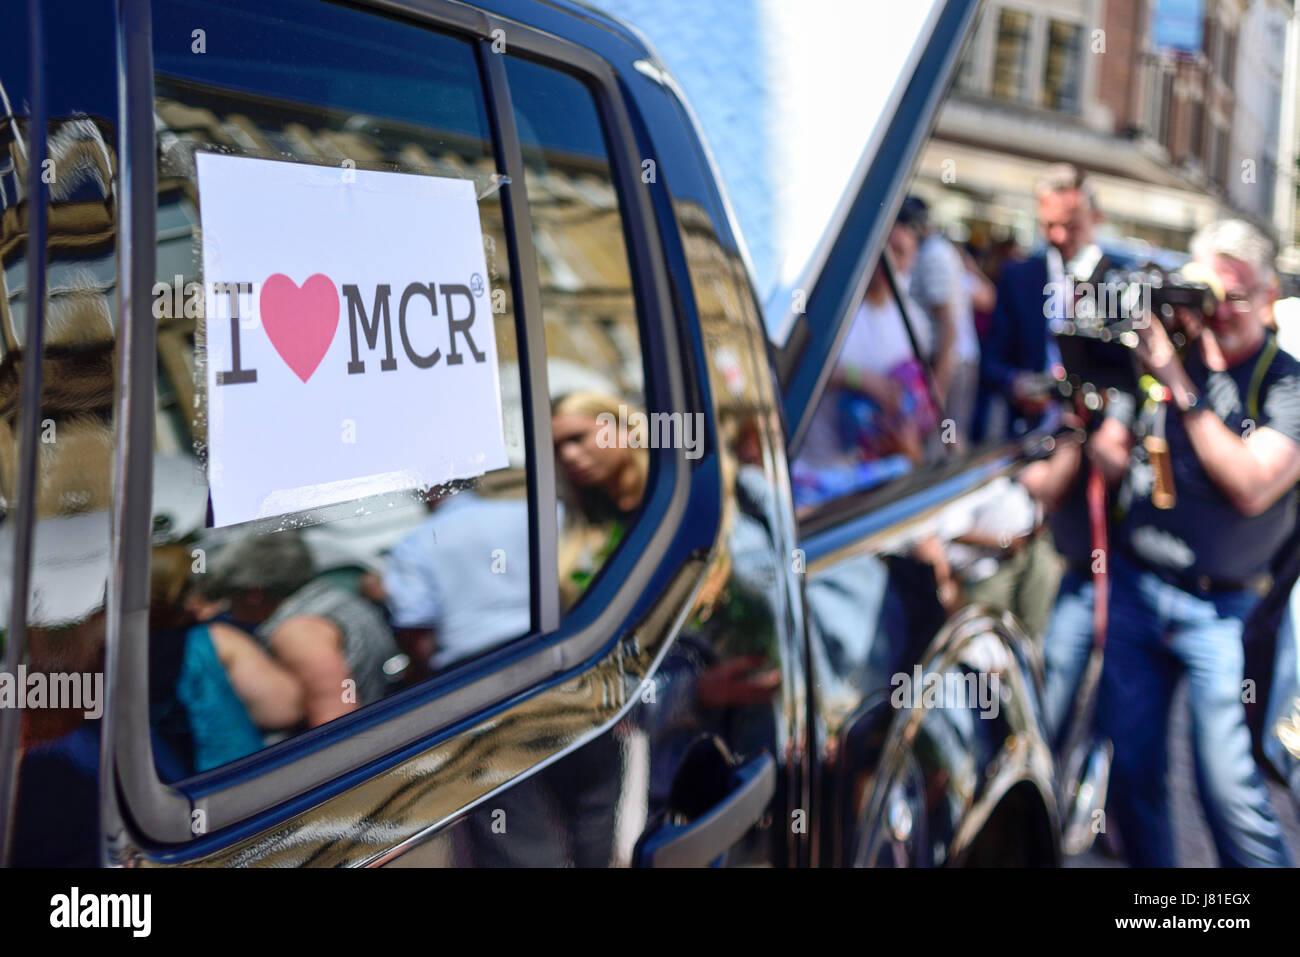 Manchester, Reino Unido. El 26 de mayo de 2017. El océano de homenajes florales crece en St Ann's Square, Imagen De Stock